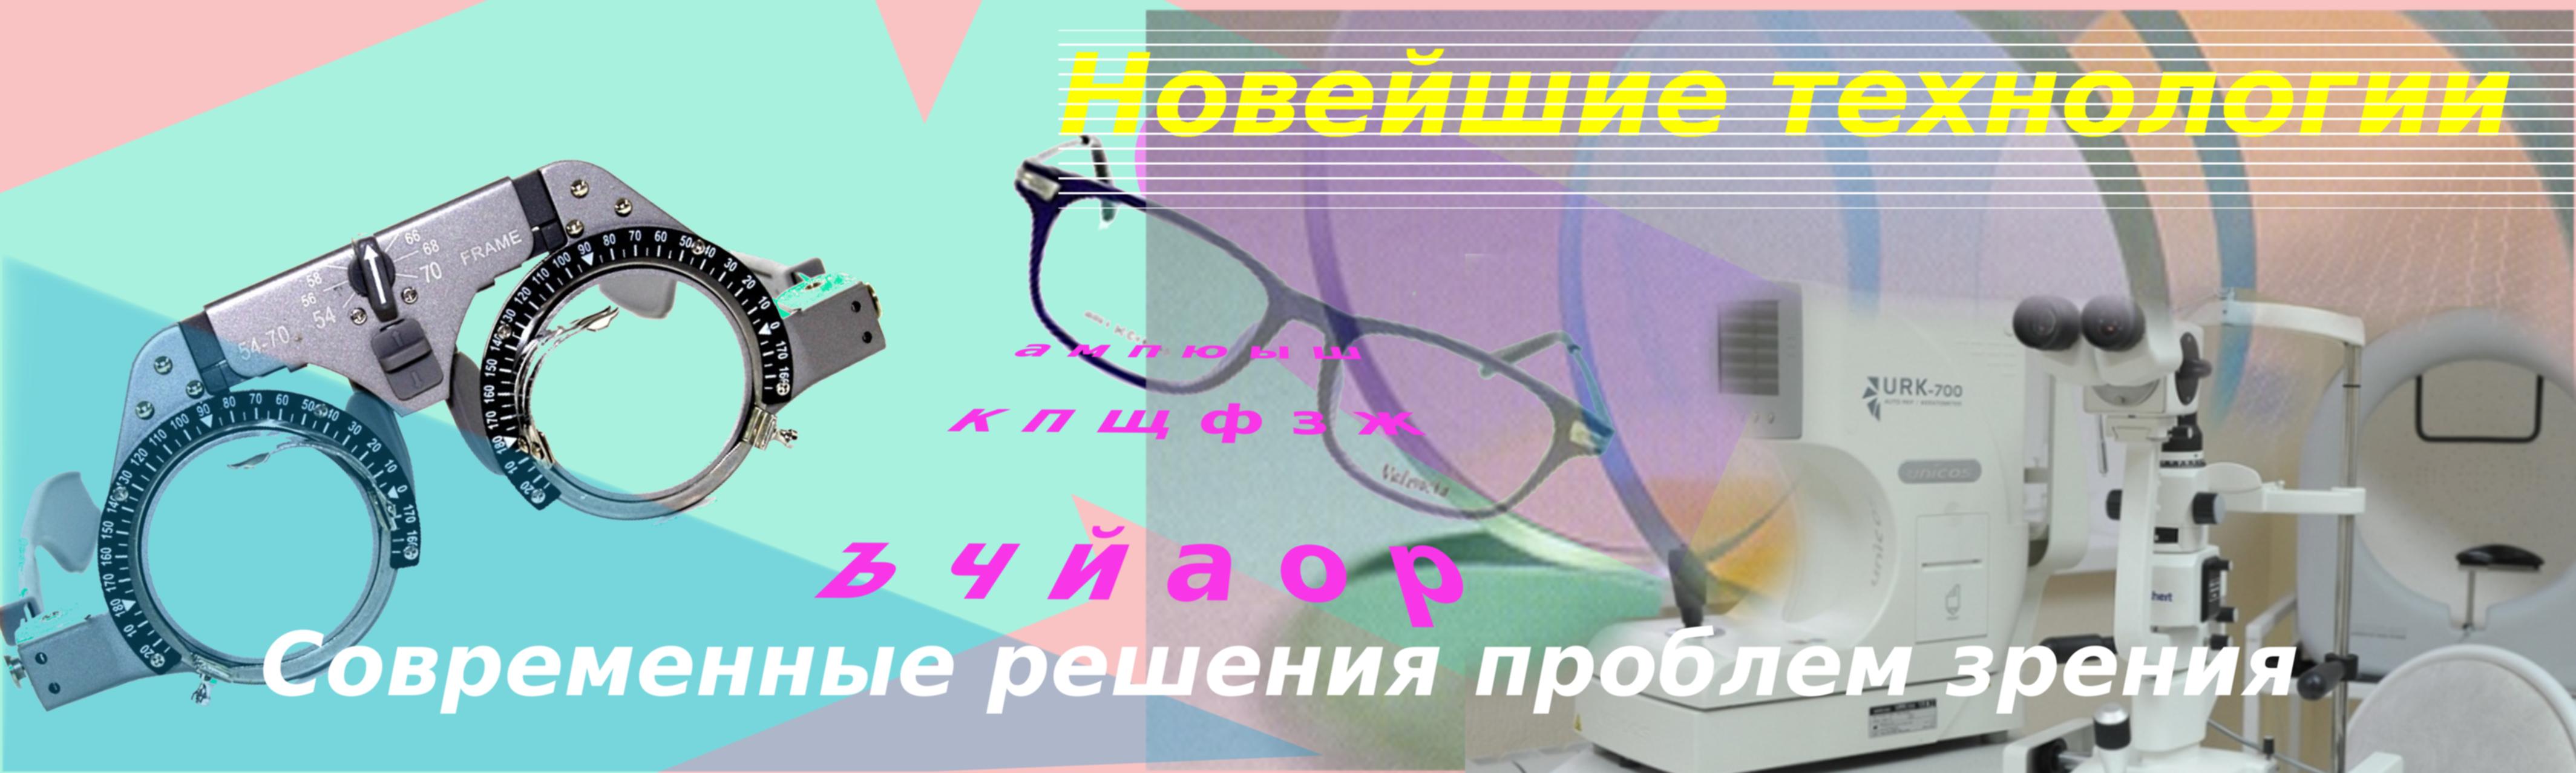 Создание нескольких графических панно для оптической компани фото f_184590e165c06d4c.jpg